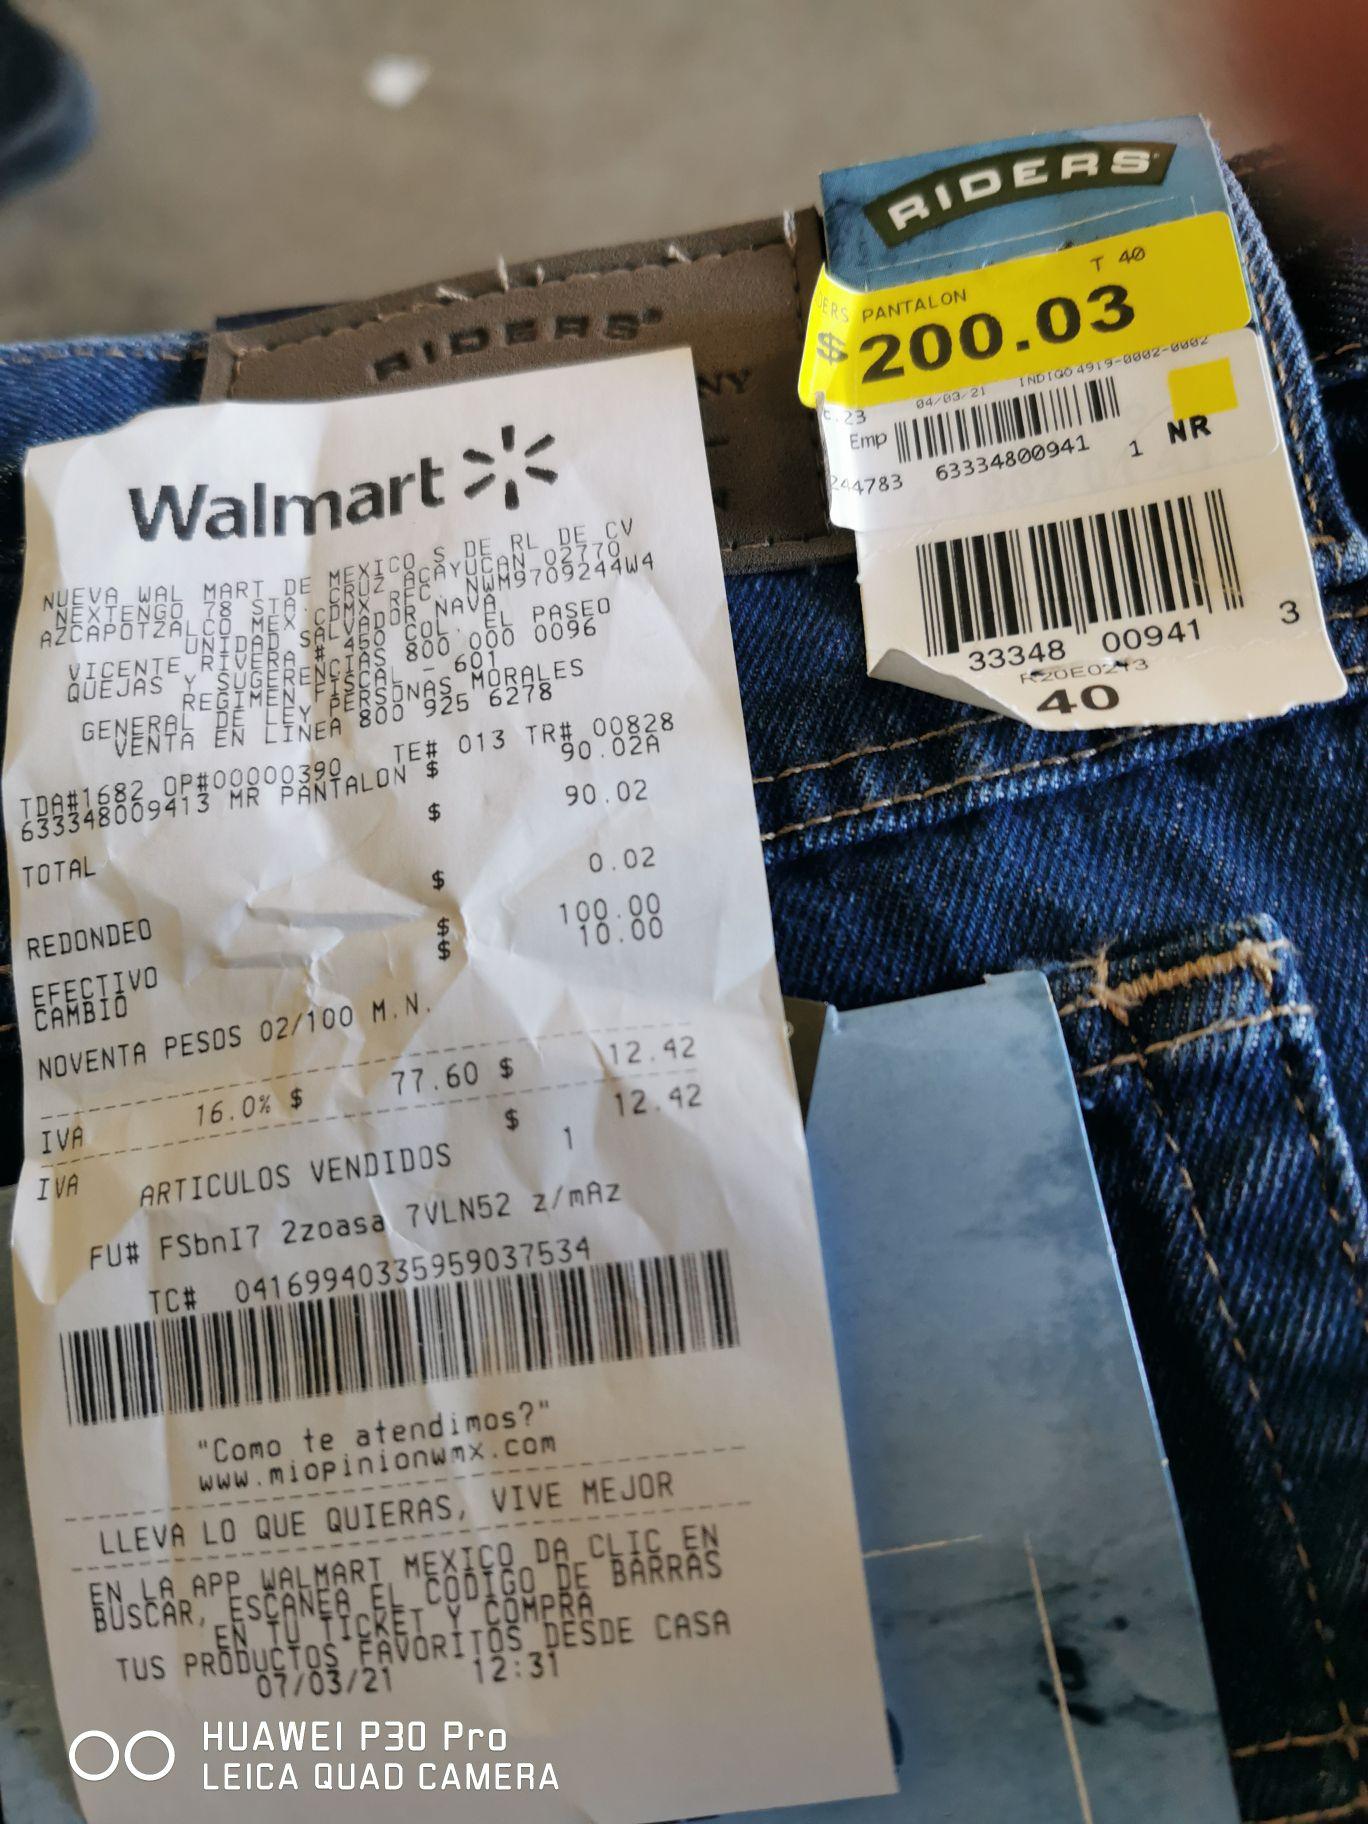 Walmart: Pantalón Oferta de liquidación